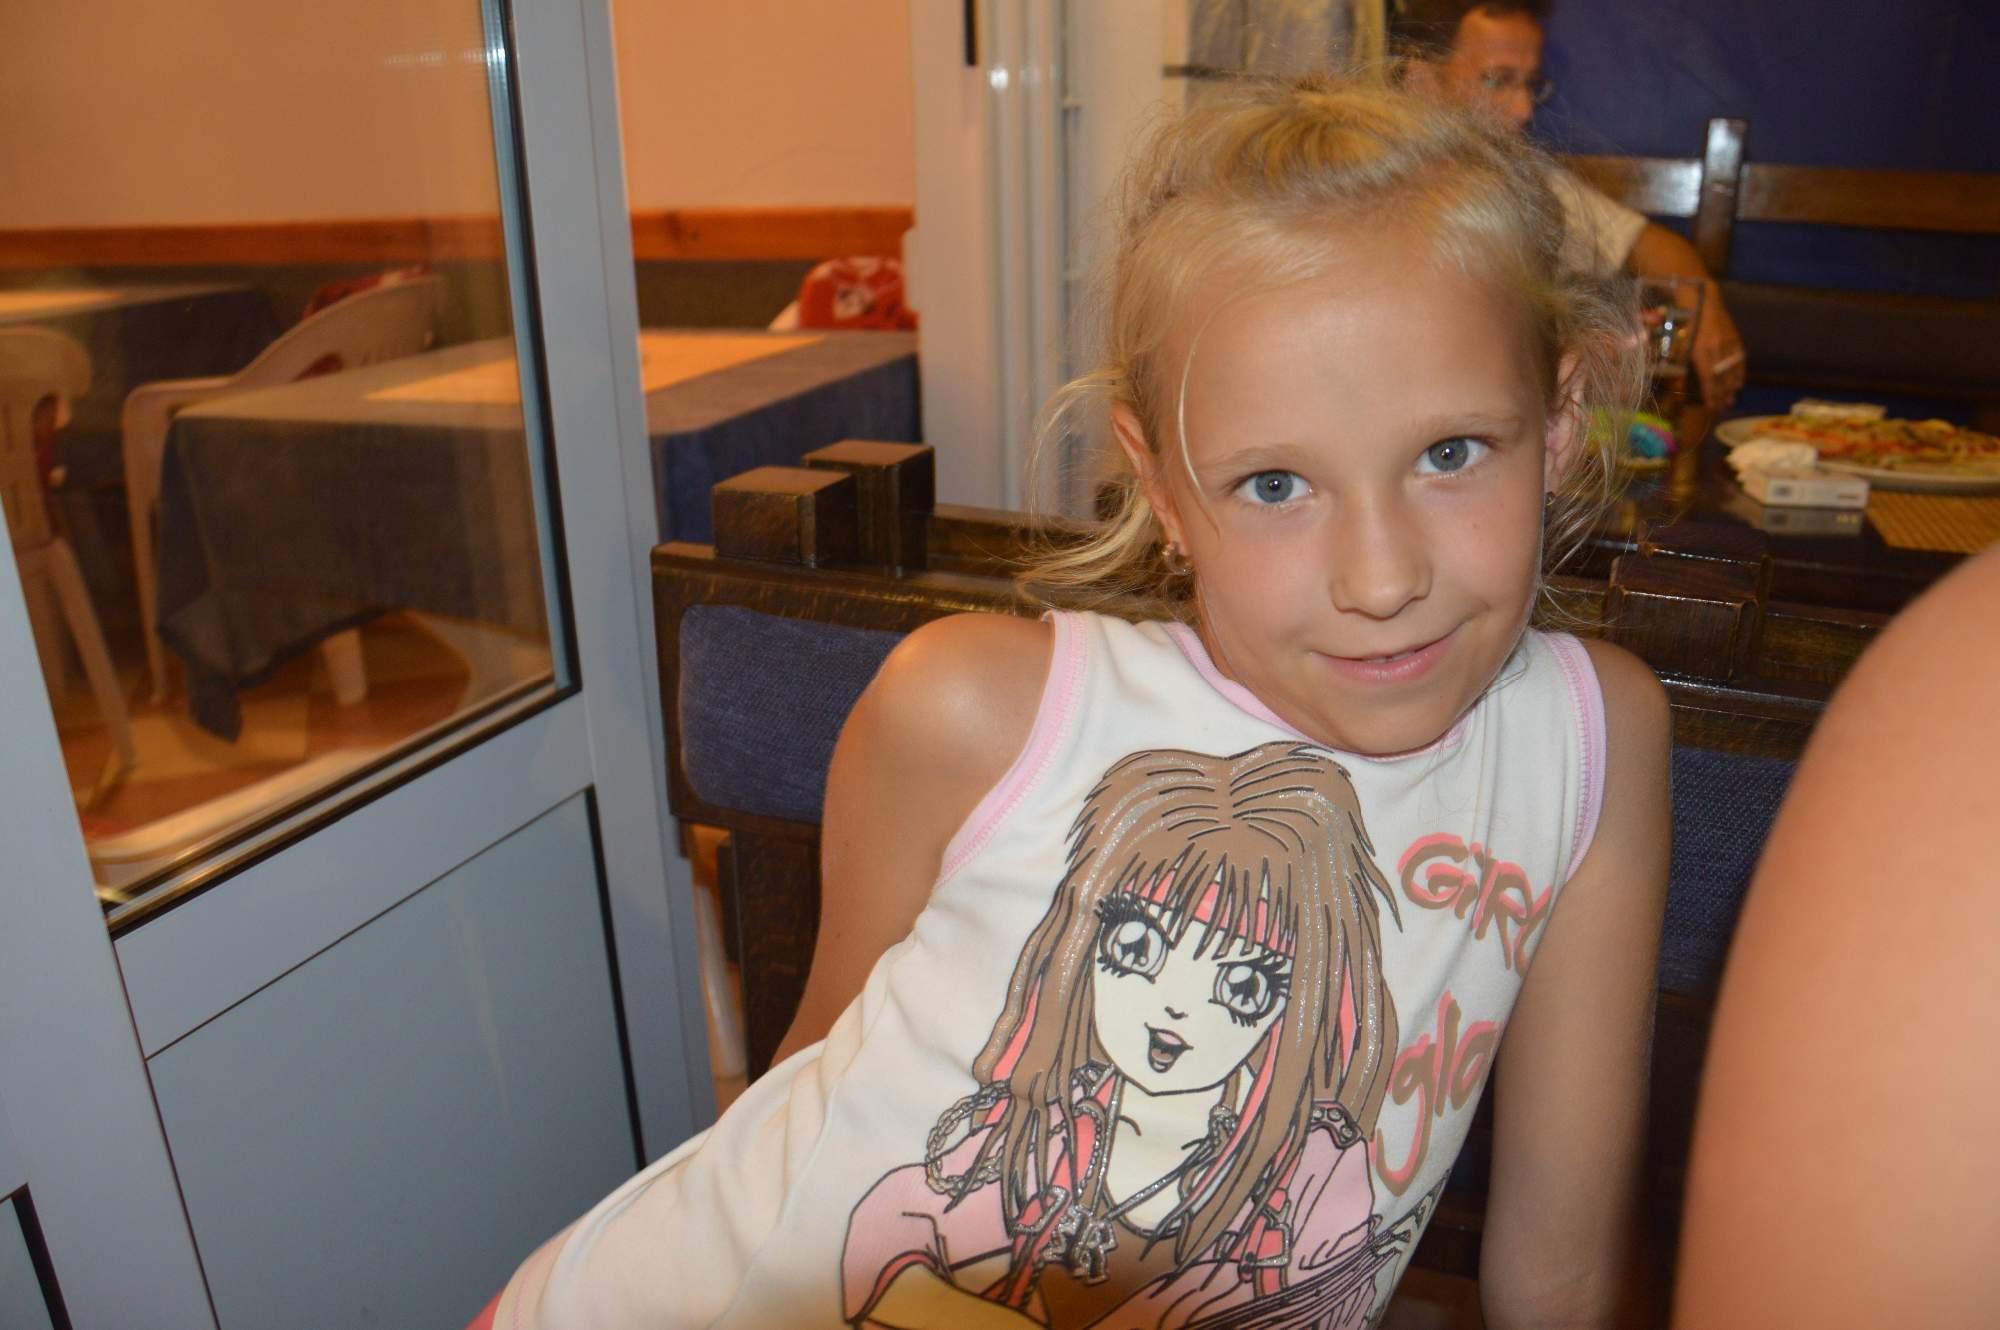 http://img19.rajce.idnes.cz/d1902/11/11369/11369498_ba1b1cc51aa2b100ecd01c05fe1b9075/images/DSC_0776.jpg